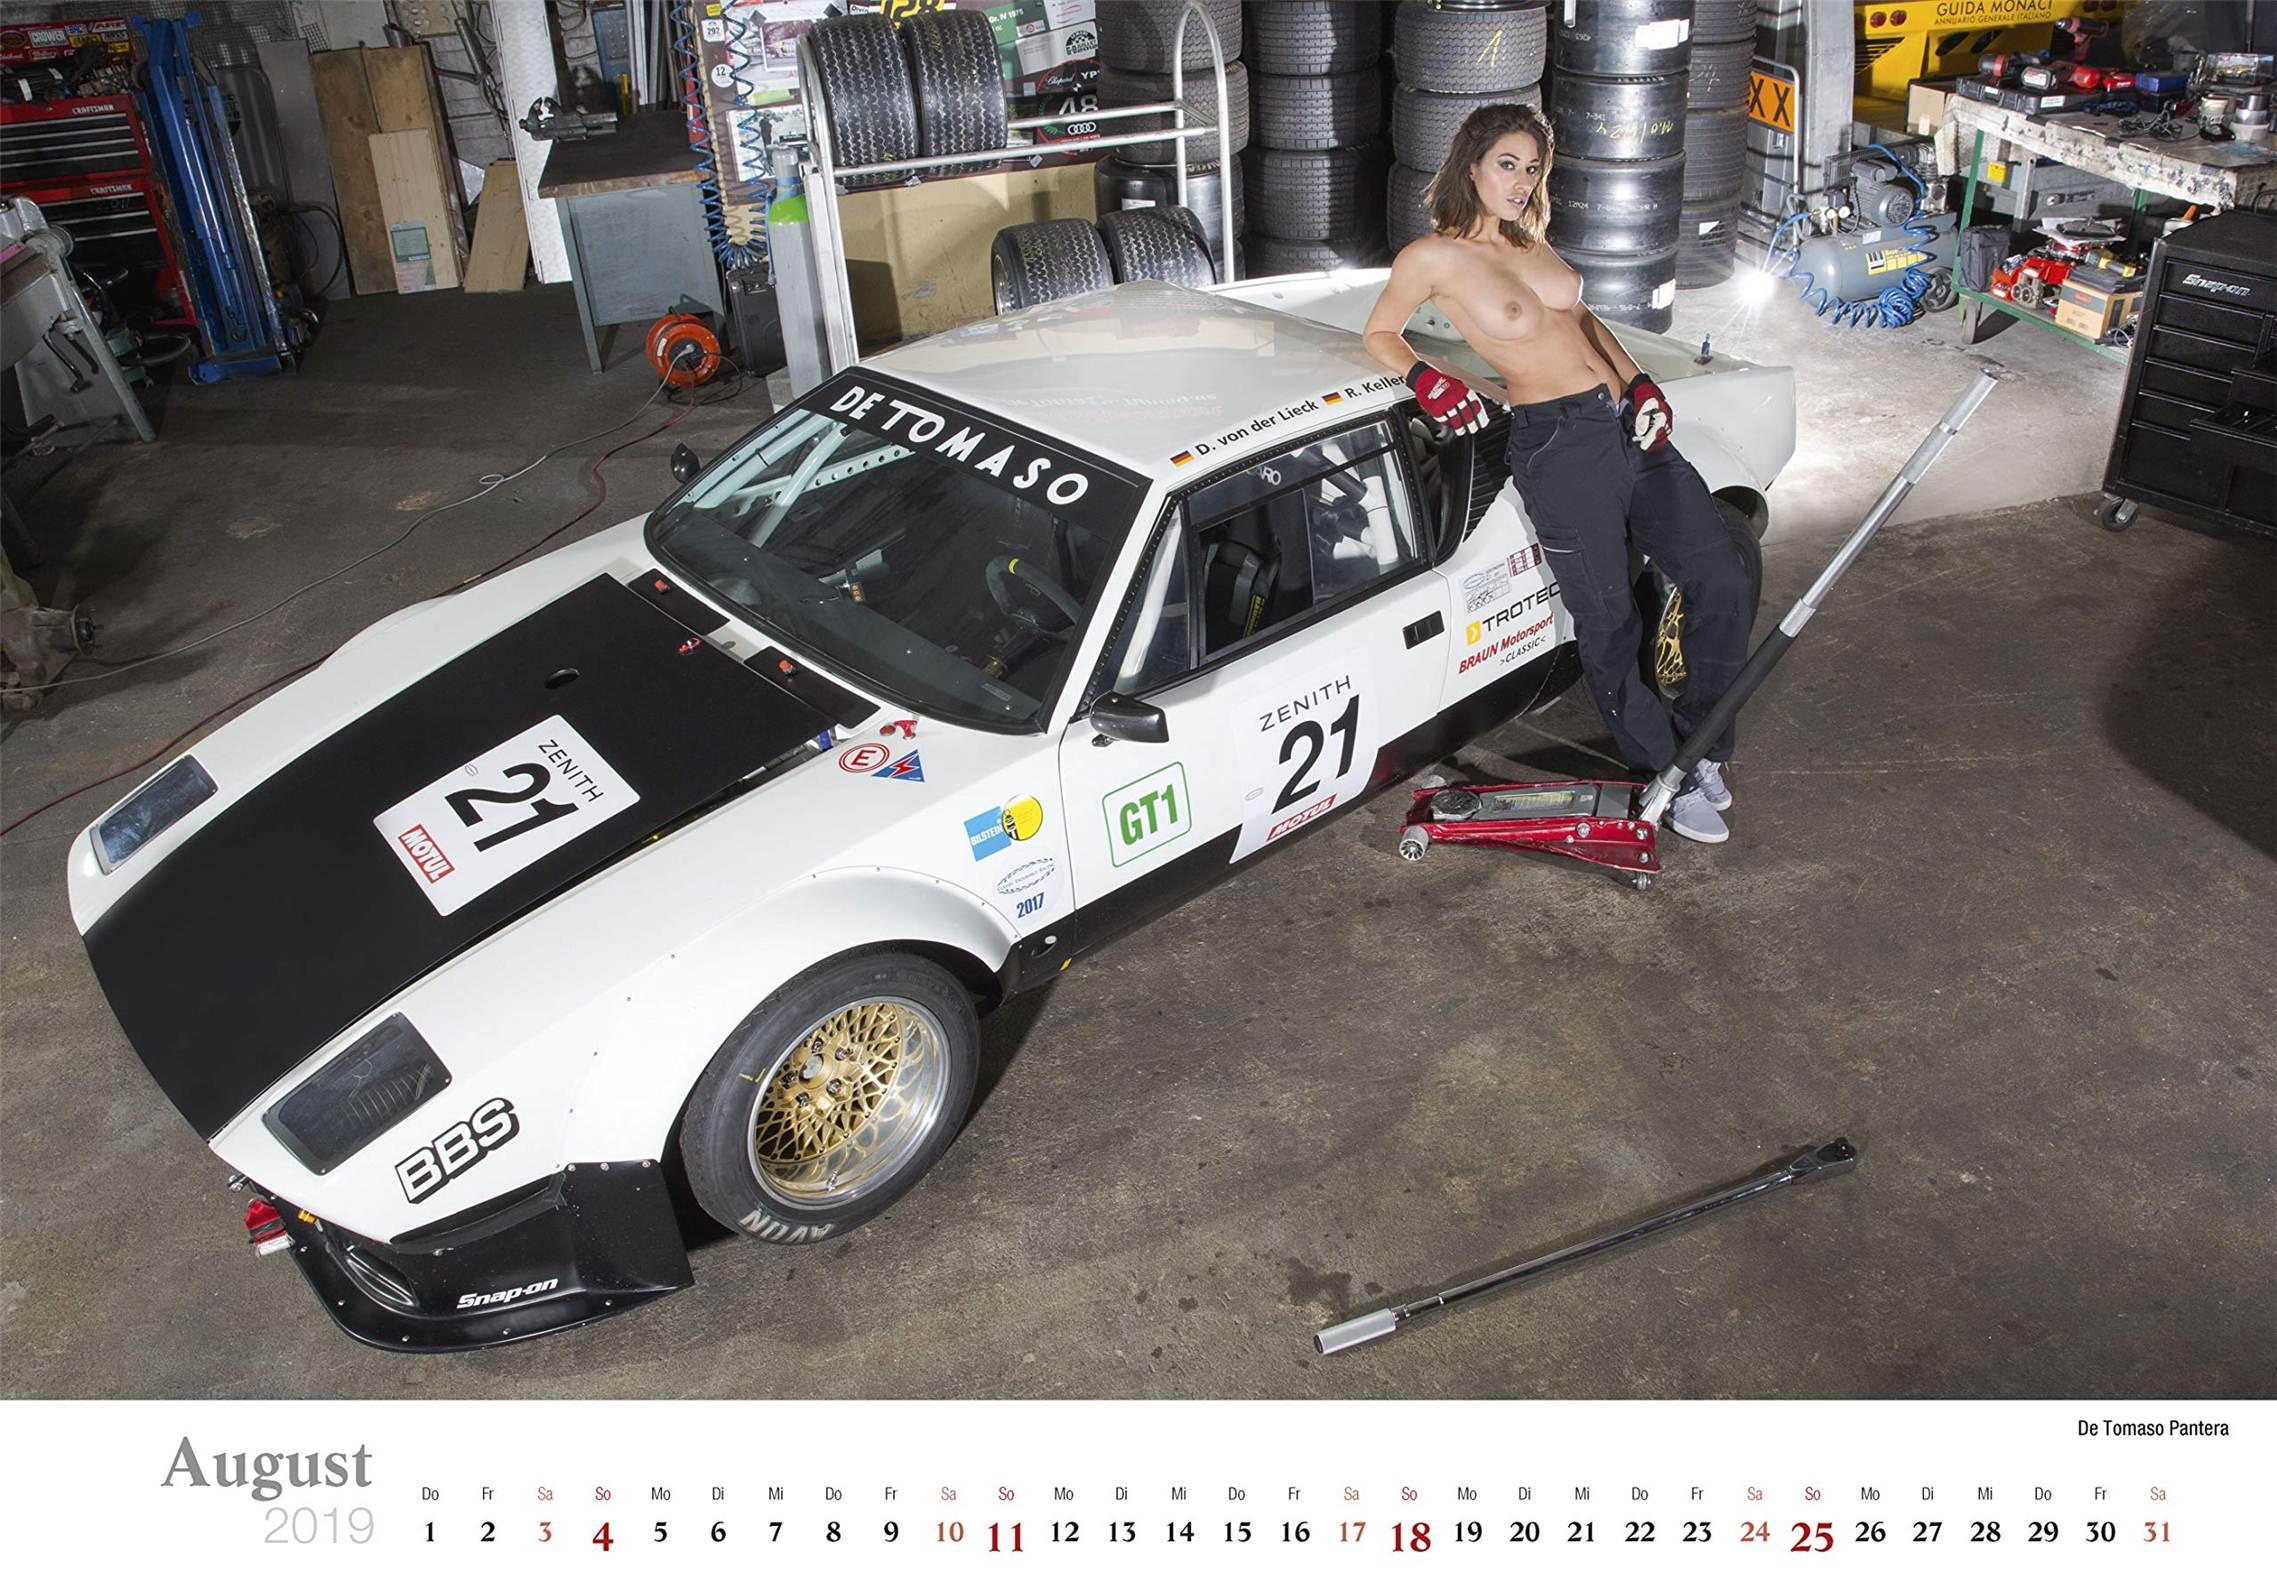 Сексуальные девушки ремонтируют автомобили / De Tomaso Pantera / Schraubertraume / 2019 erotic calendar by Frank Lutzeback